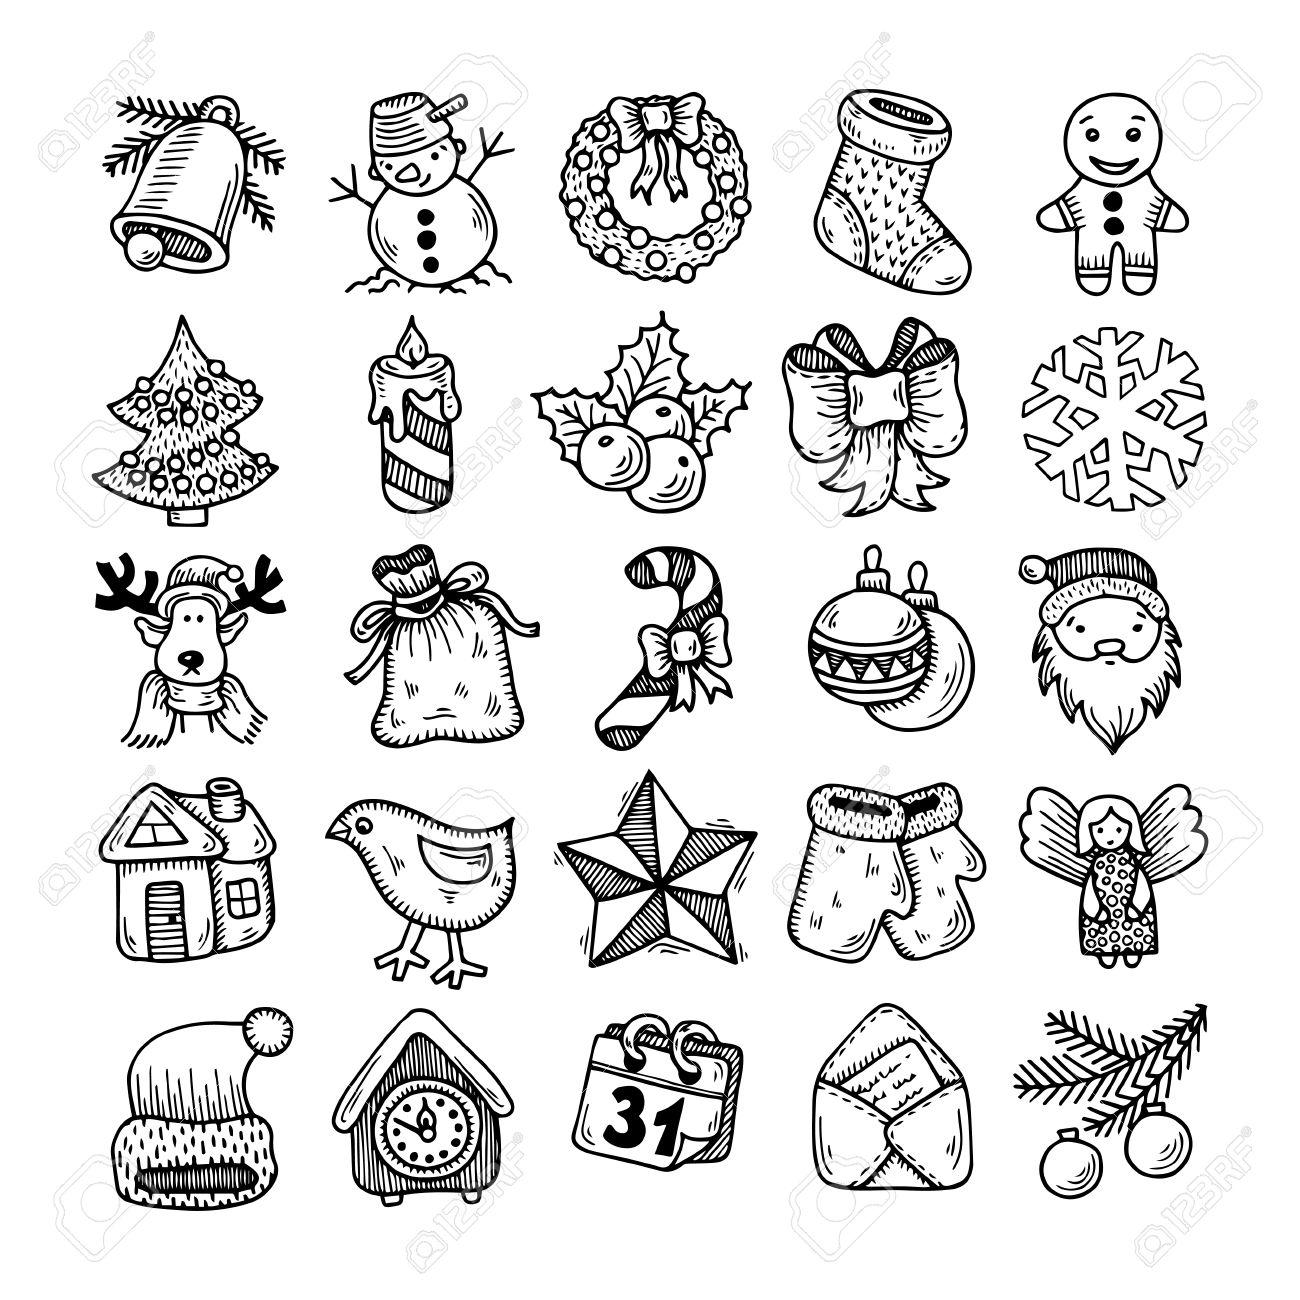 Dibujos Originales Para Navidad Tarjetas De Navidad Dibujos - Dibujos-originales-de-navidad